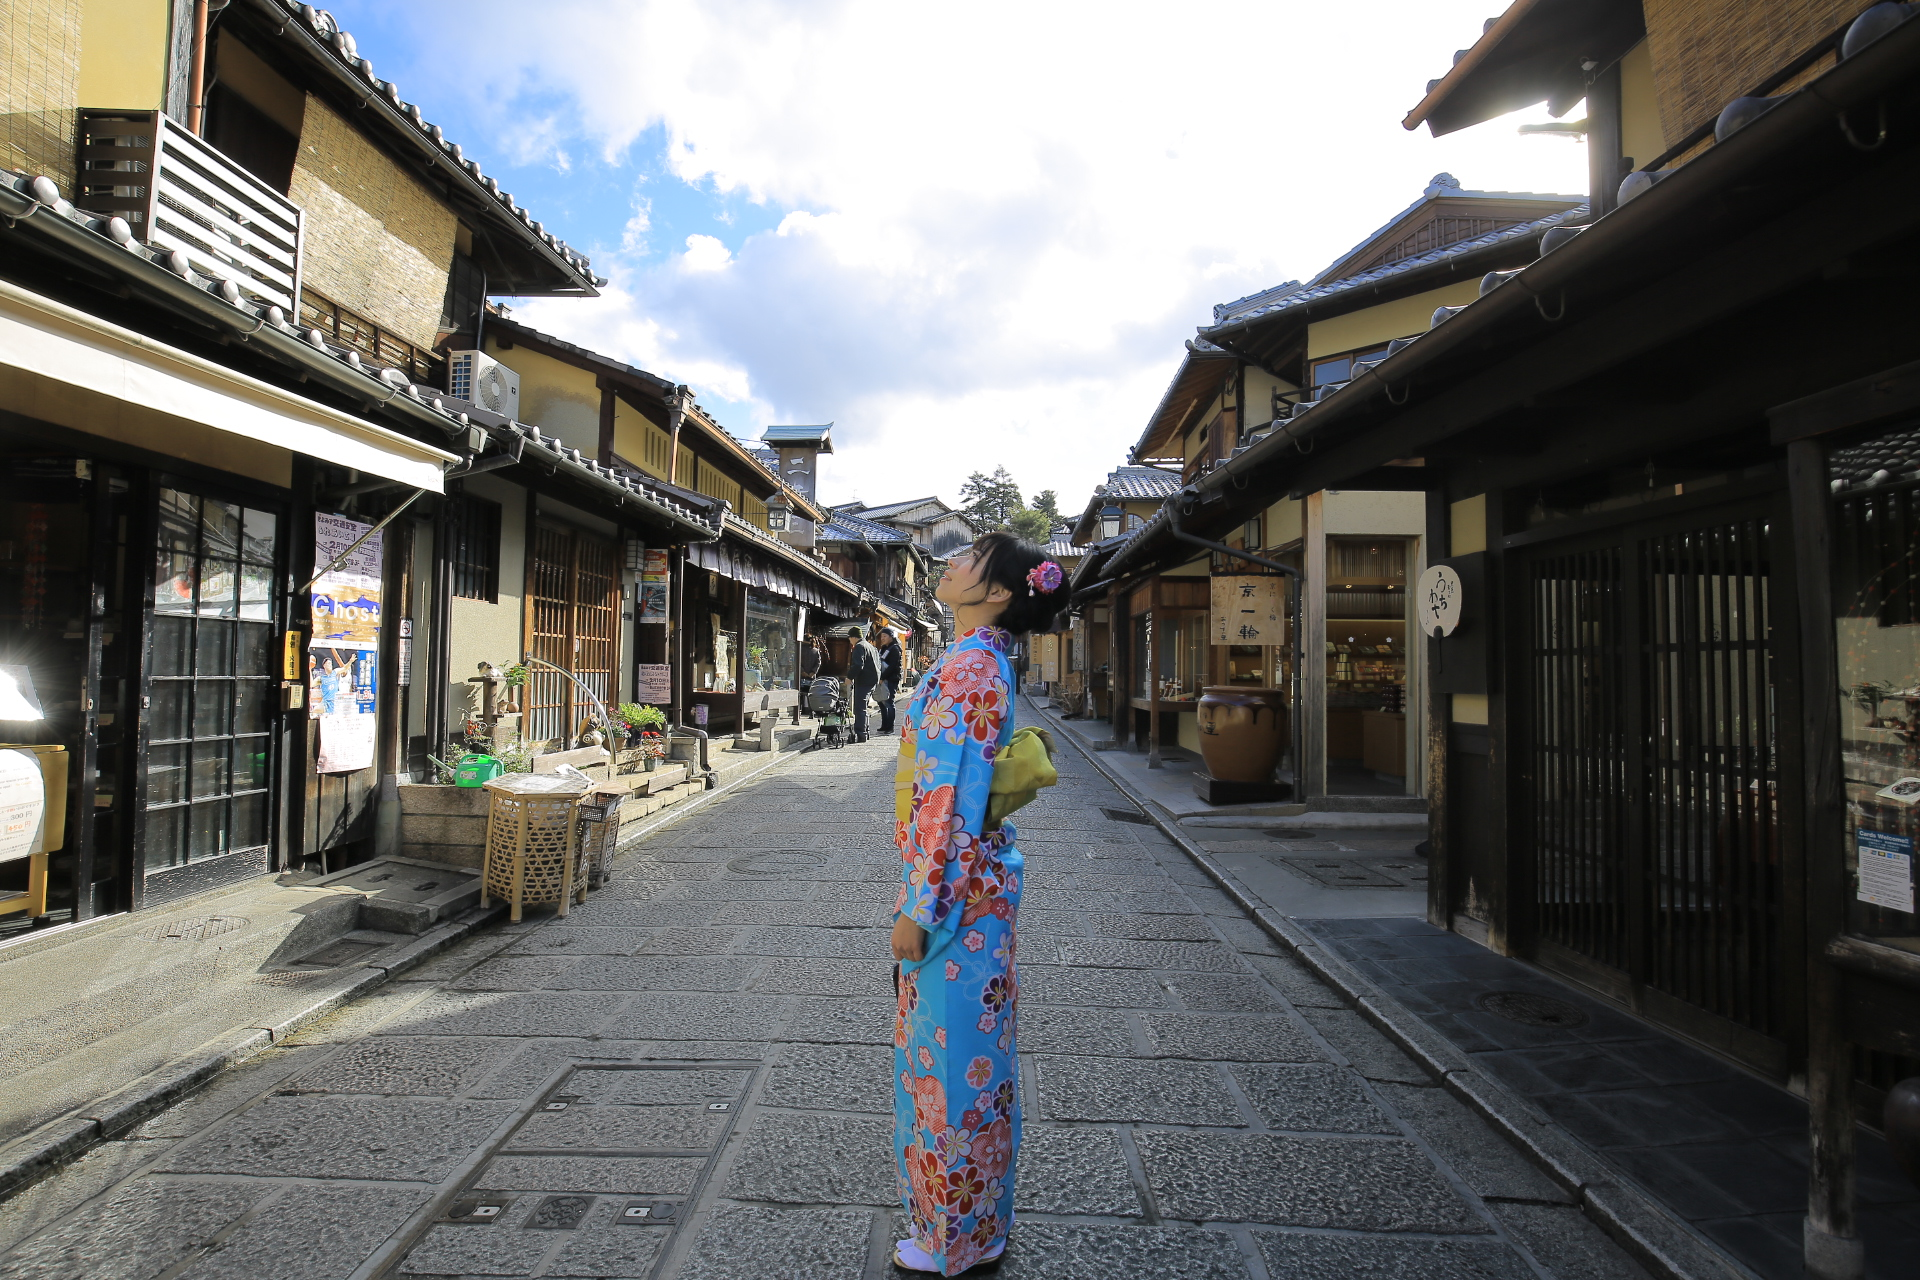 【京都排隊美食餐廳】葫蘆親子丼,神美味的半熟蛋,滑嫩好吃啊! @小環妞 幸福足跡